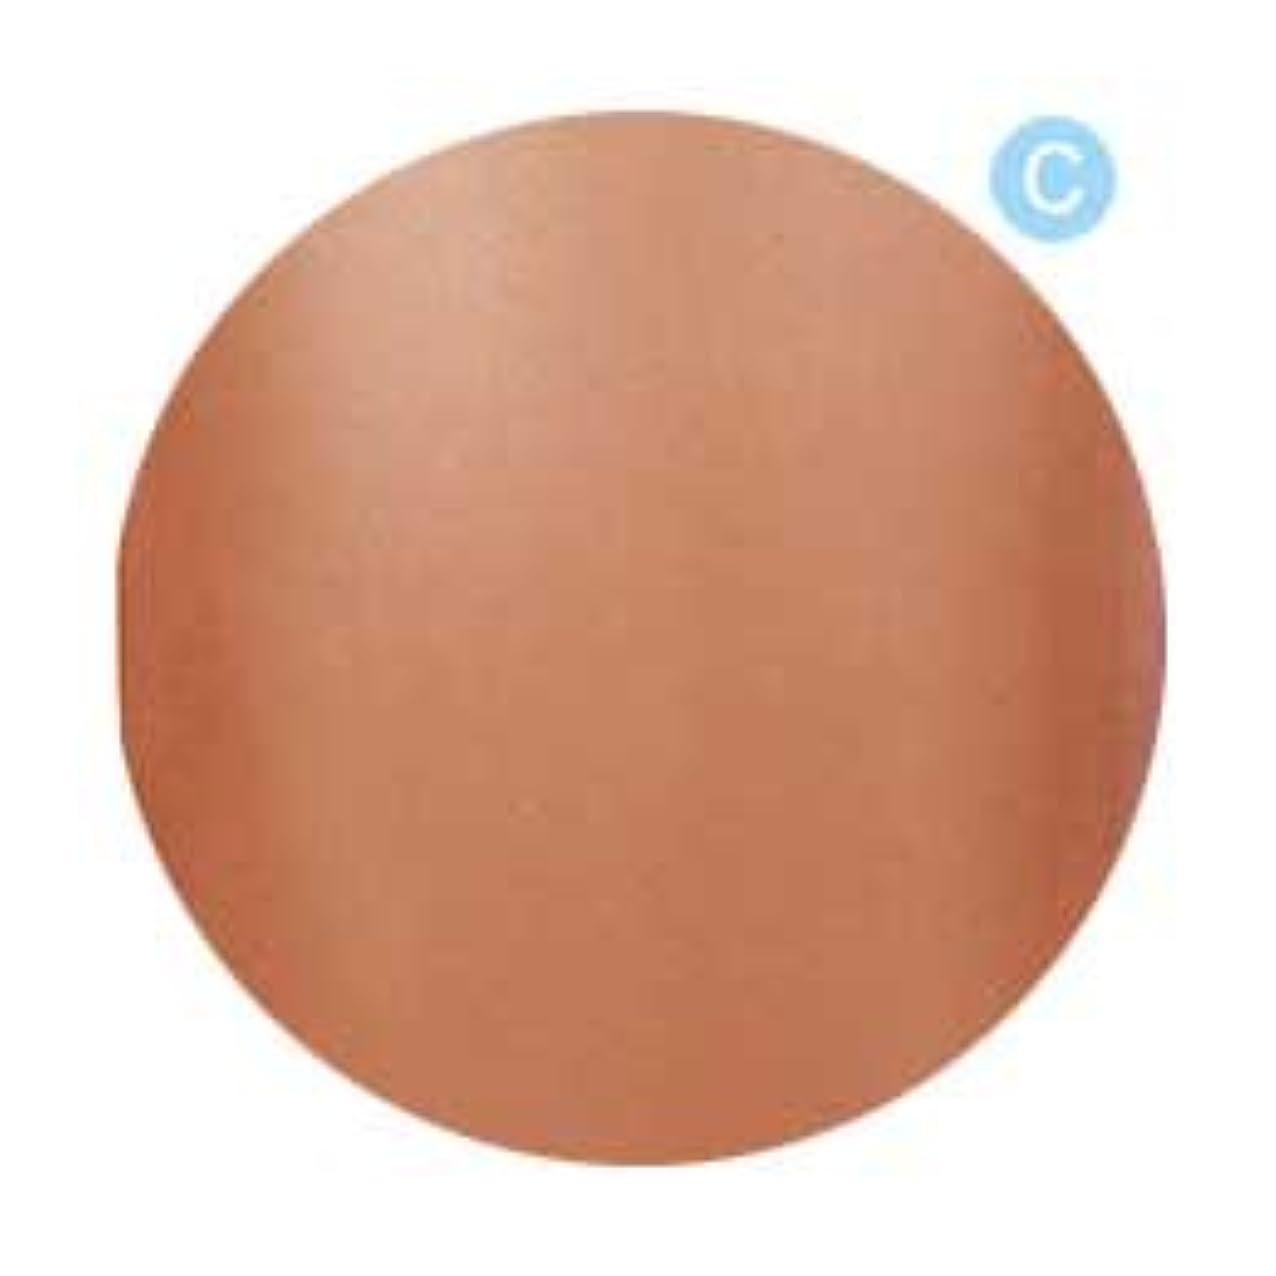 フリンジサイバースペースクリエイティブPalms Graceful カラージェル 3g 021 クリアブラウン